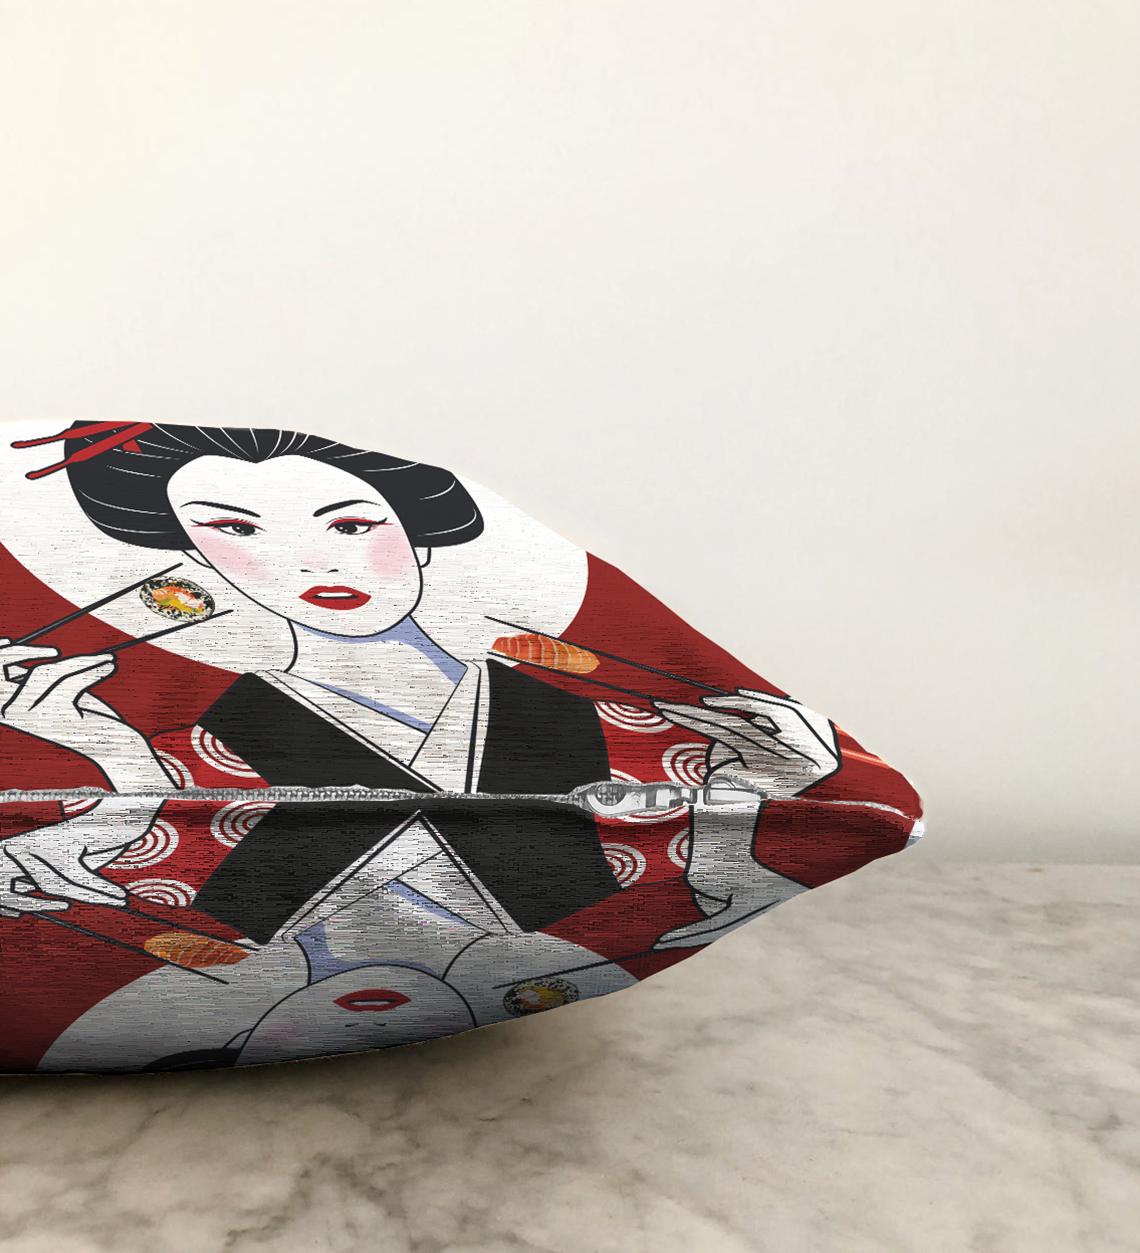 Çift Taraflı Suşi Yiyen Japon Kız Motifli Modern Şönil Yastık Kılıfı - 55 x 55 cm Realhomes